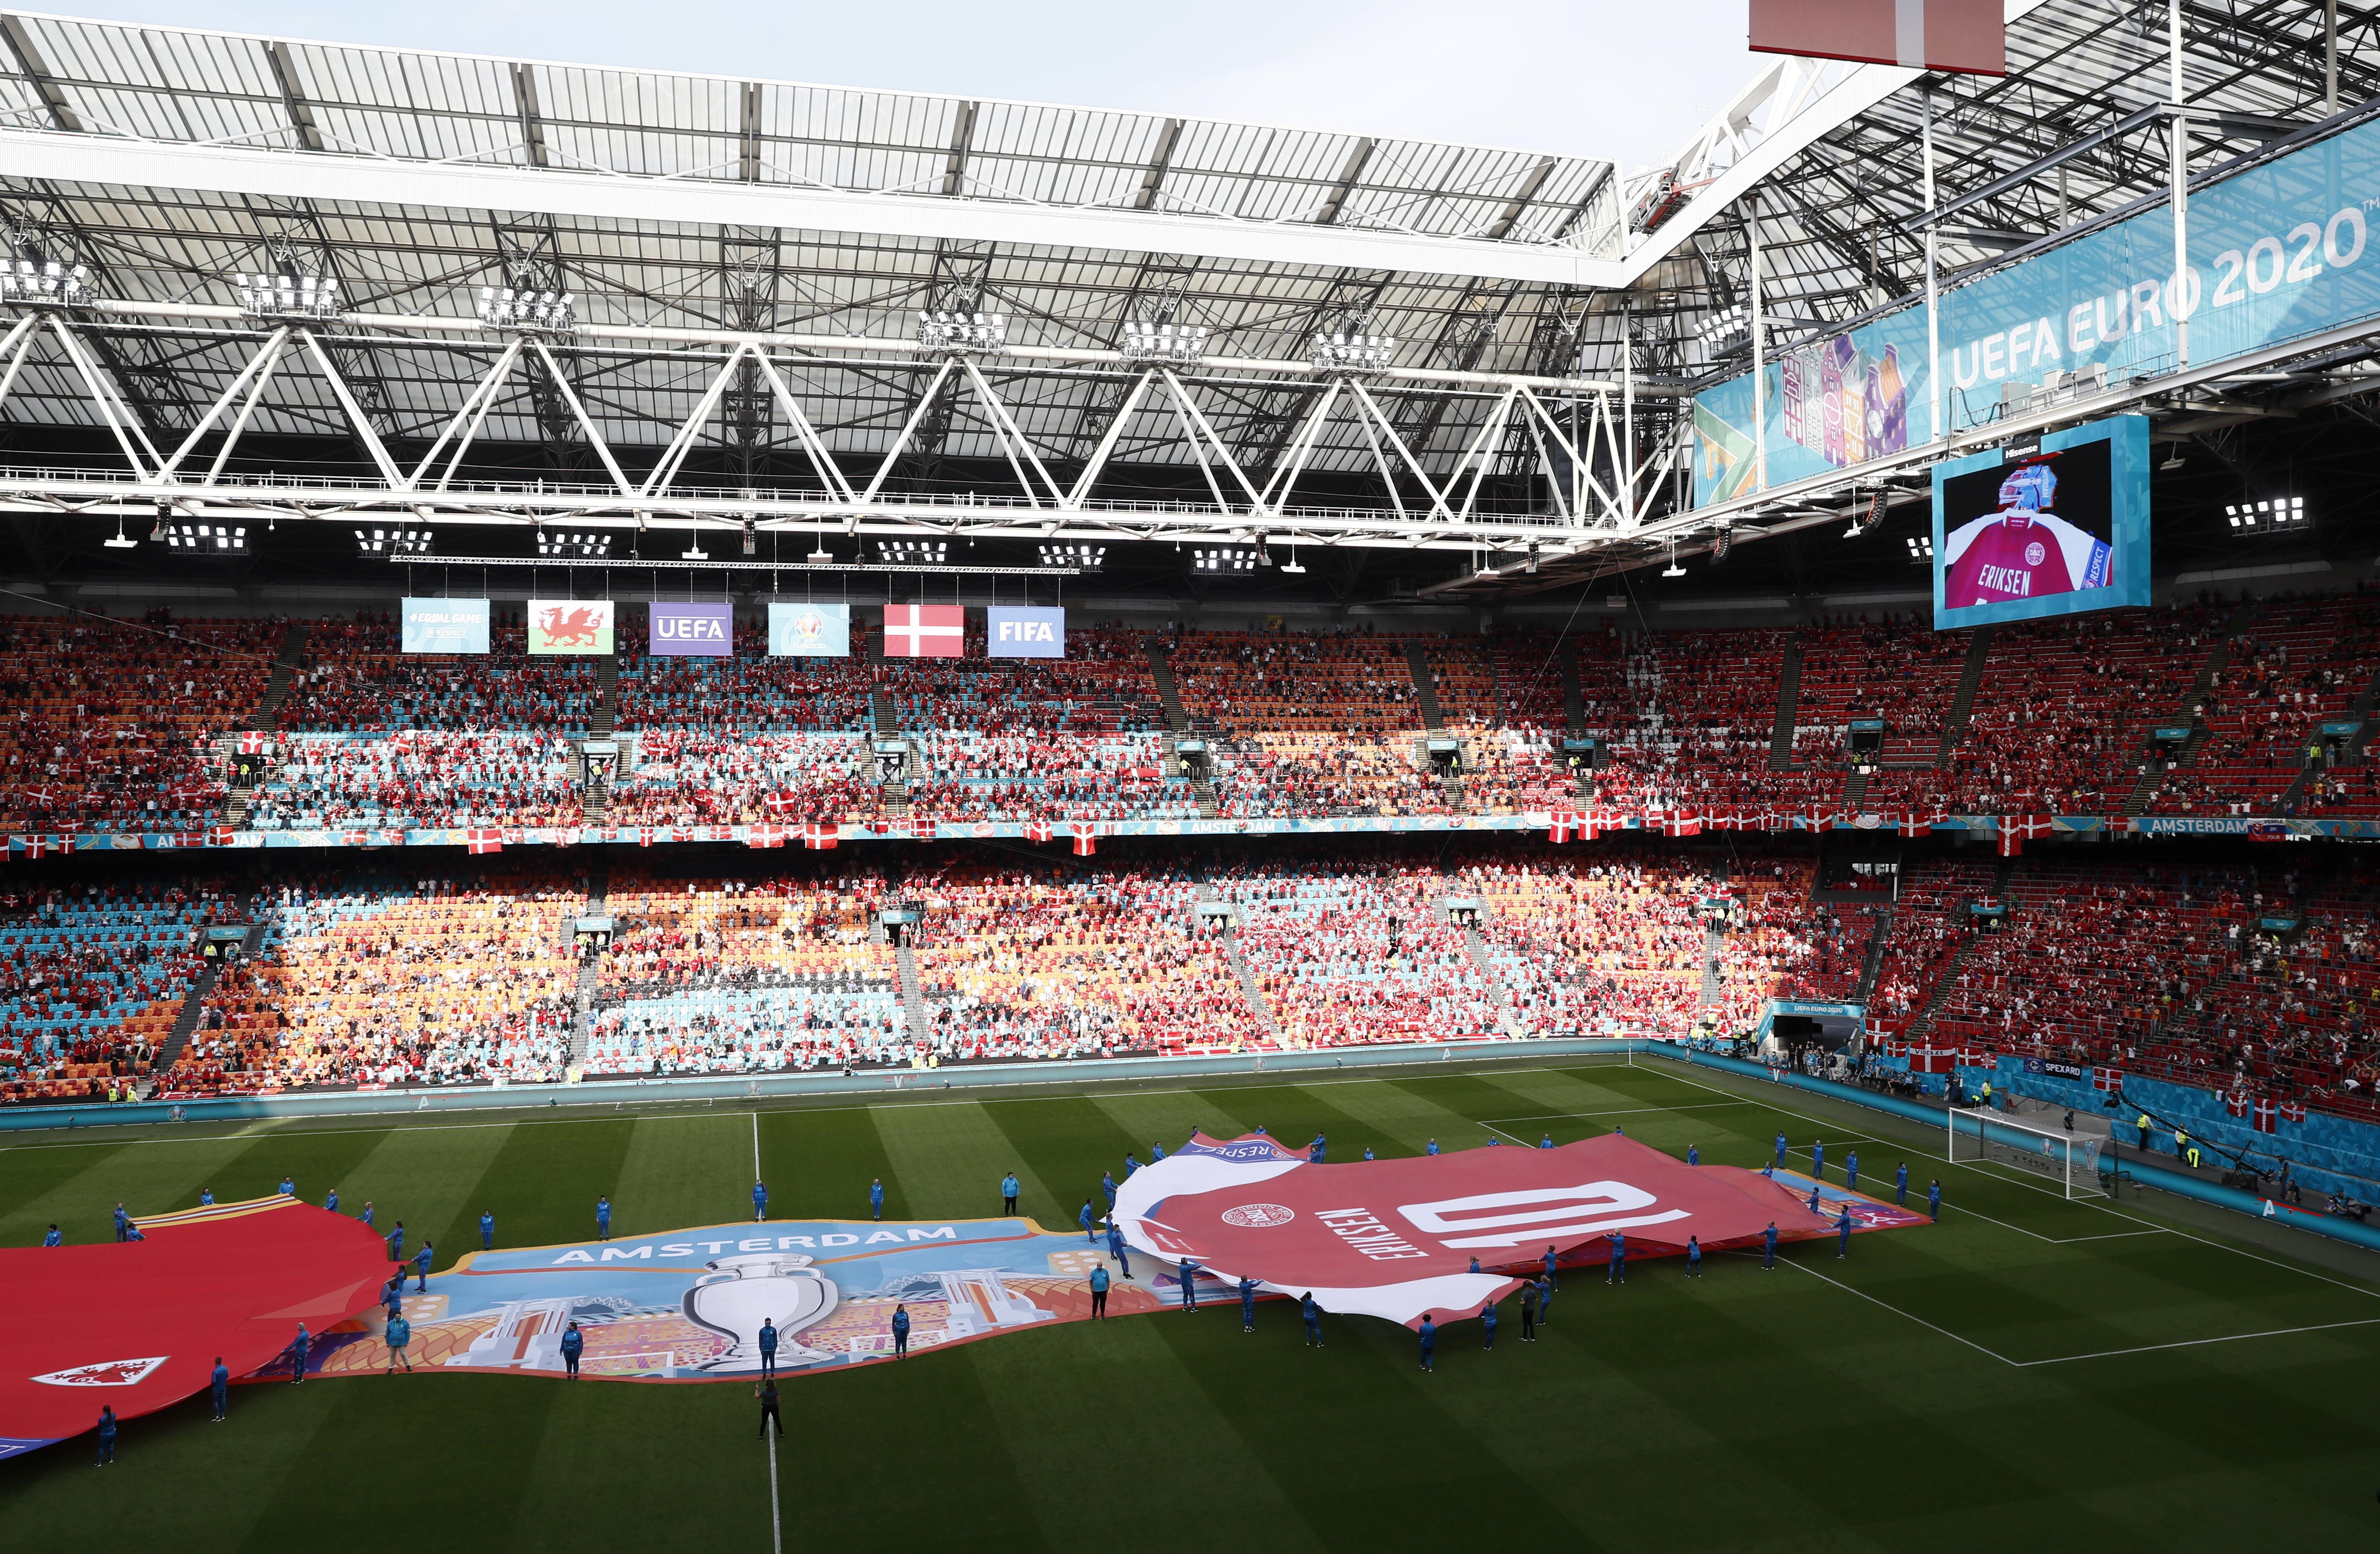 Christian Eriksen non pu&ograve; essere in campo a trascinare la sua Danimarca nello stadio che lo ha visto affermarsi nel calcio che conta con la maglia dell&#39;Ajax, ma il centrocampista dell&rsquo;Inter &egrave; comunque il grande protagonista del prepartita degli ottavi col Galles. Alla Johan Cruijff Arena hanno voluto infatti omaggiarlo portando in campo una maglia gigante della Danimarca con il numero 10. Dopo l&rsquo;omaggio dello stadio quello del Galles: Gareth Bale ha consegnato a Simon Kjaer una maglia del Galles, personalizzata con il nome di Eriksen e l&rsquo;immancabile numero 10.<br /><br />